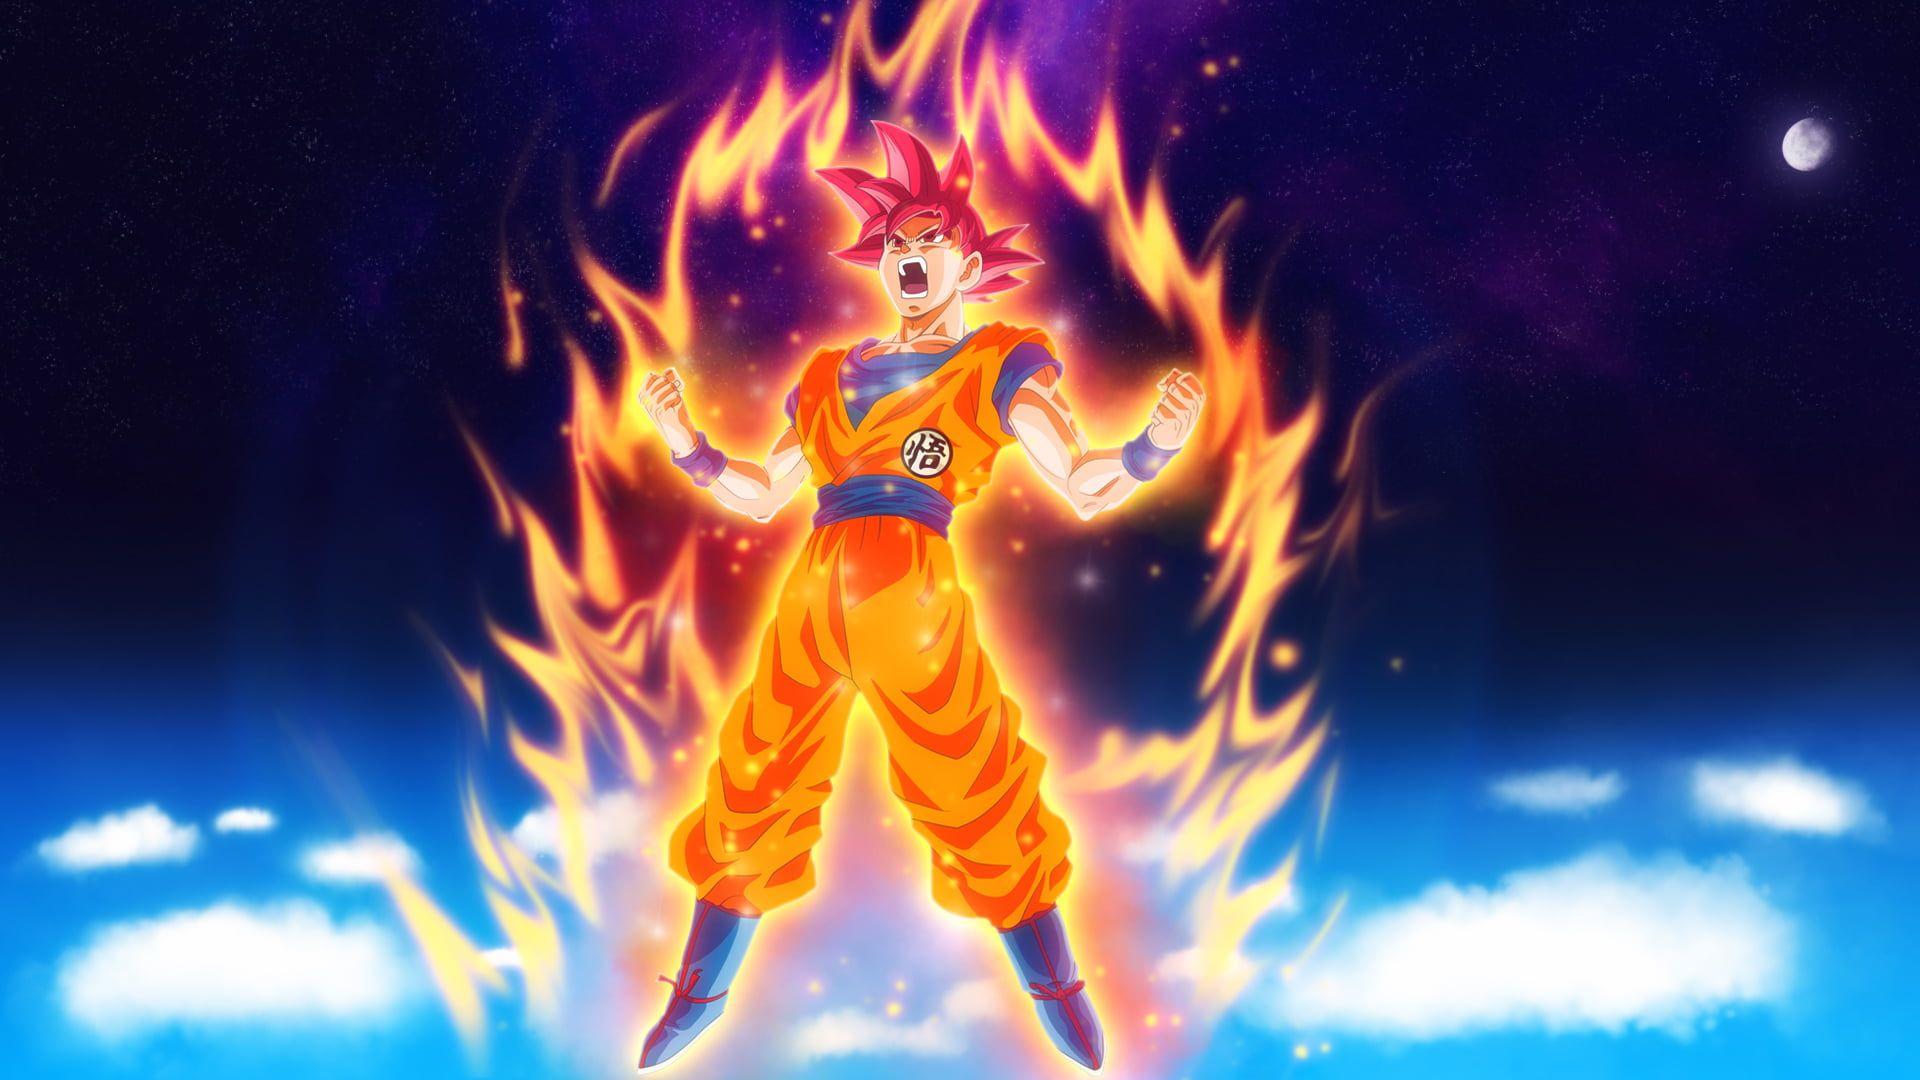 Son Goku Wallpaper Dragon Ball Son Goku Dragon Ball Super 1080p